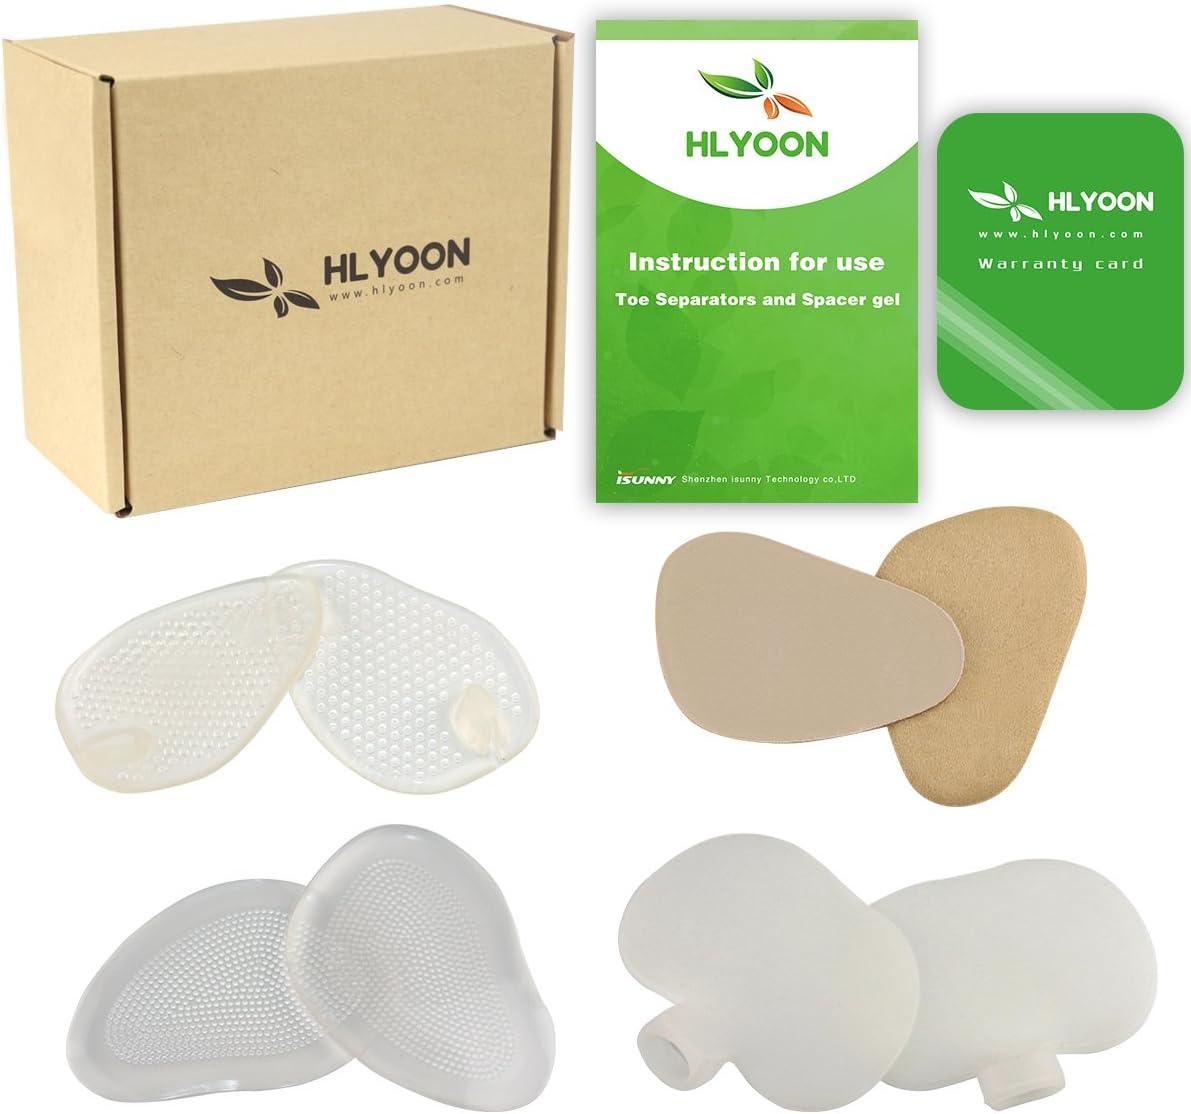 HLYOON® H06 Cuscinetti metatarsali in gel al silicone e cuscinetti per pianta del piede, cuscinetti per avampiede in pelle, cuscinetti per tacchi